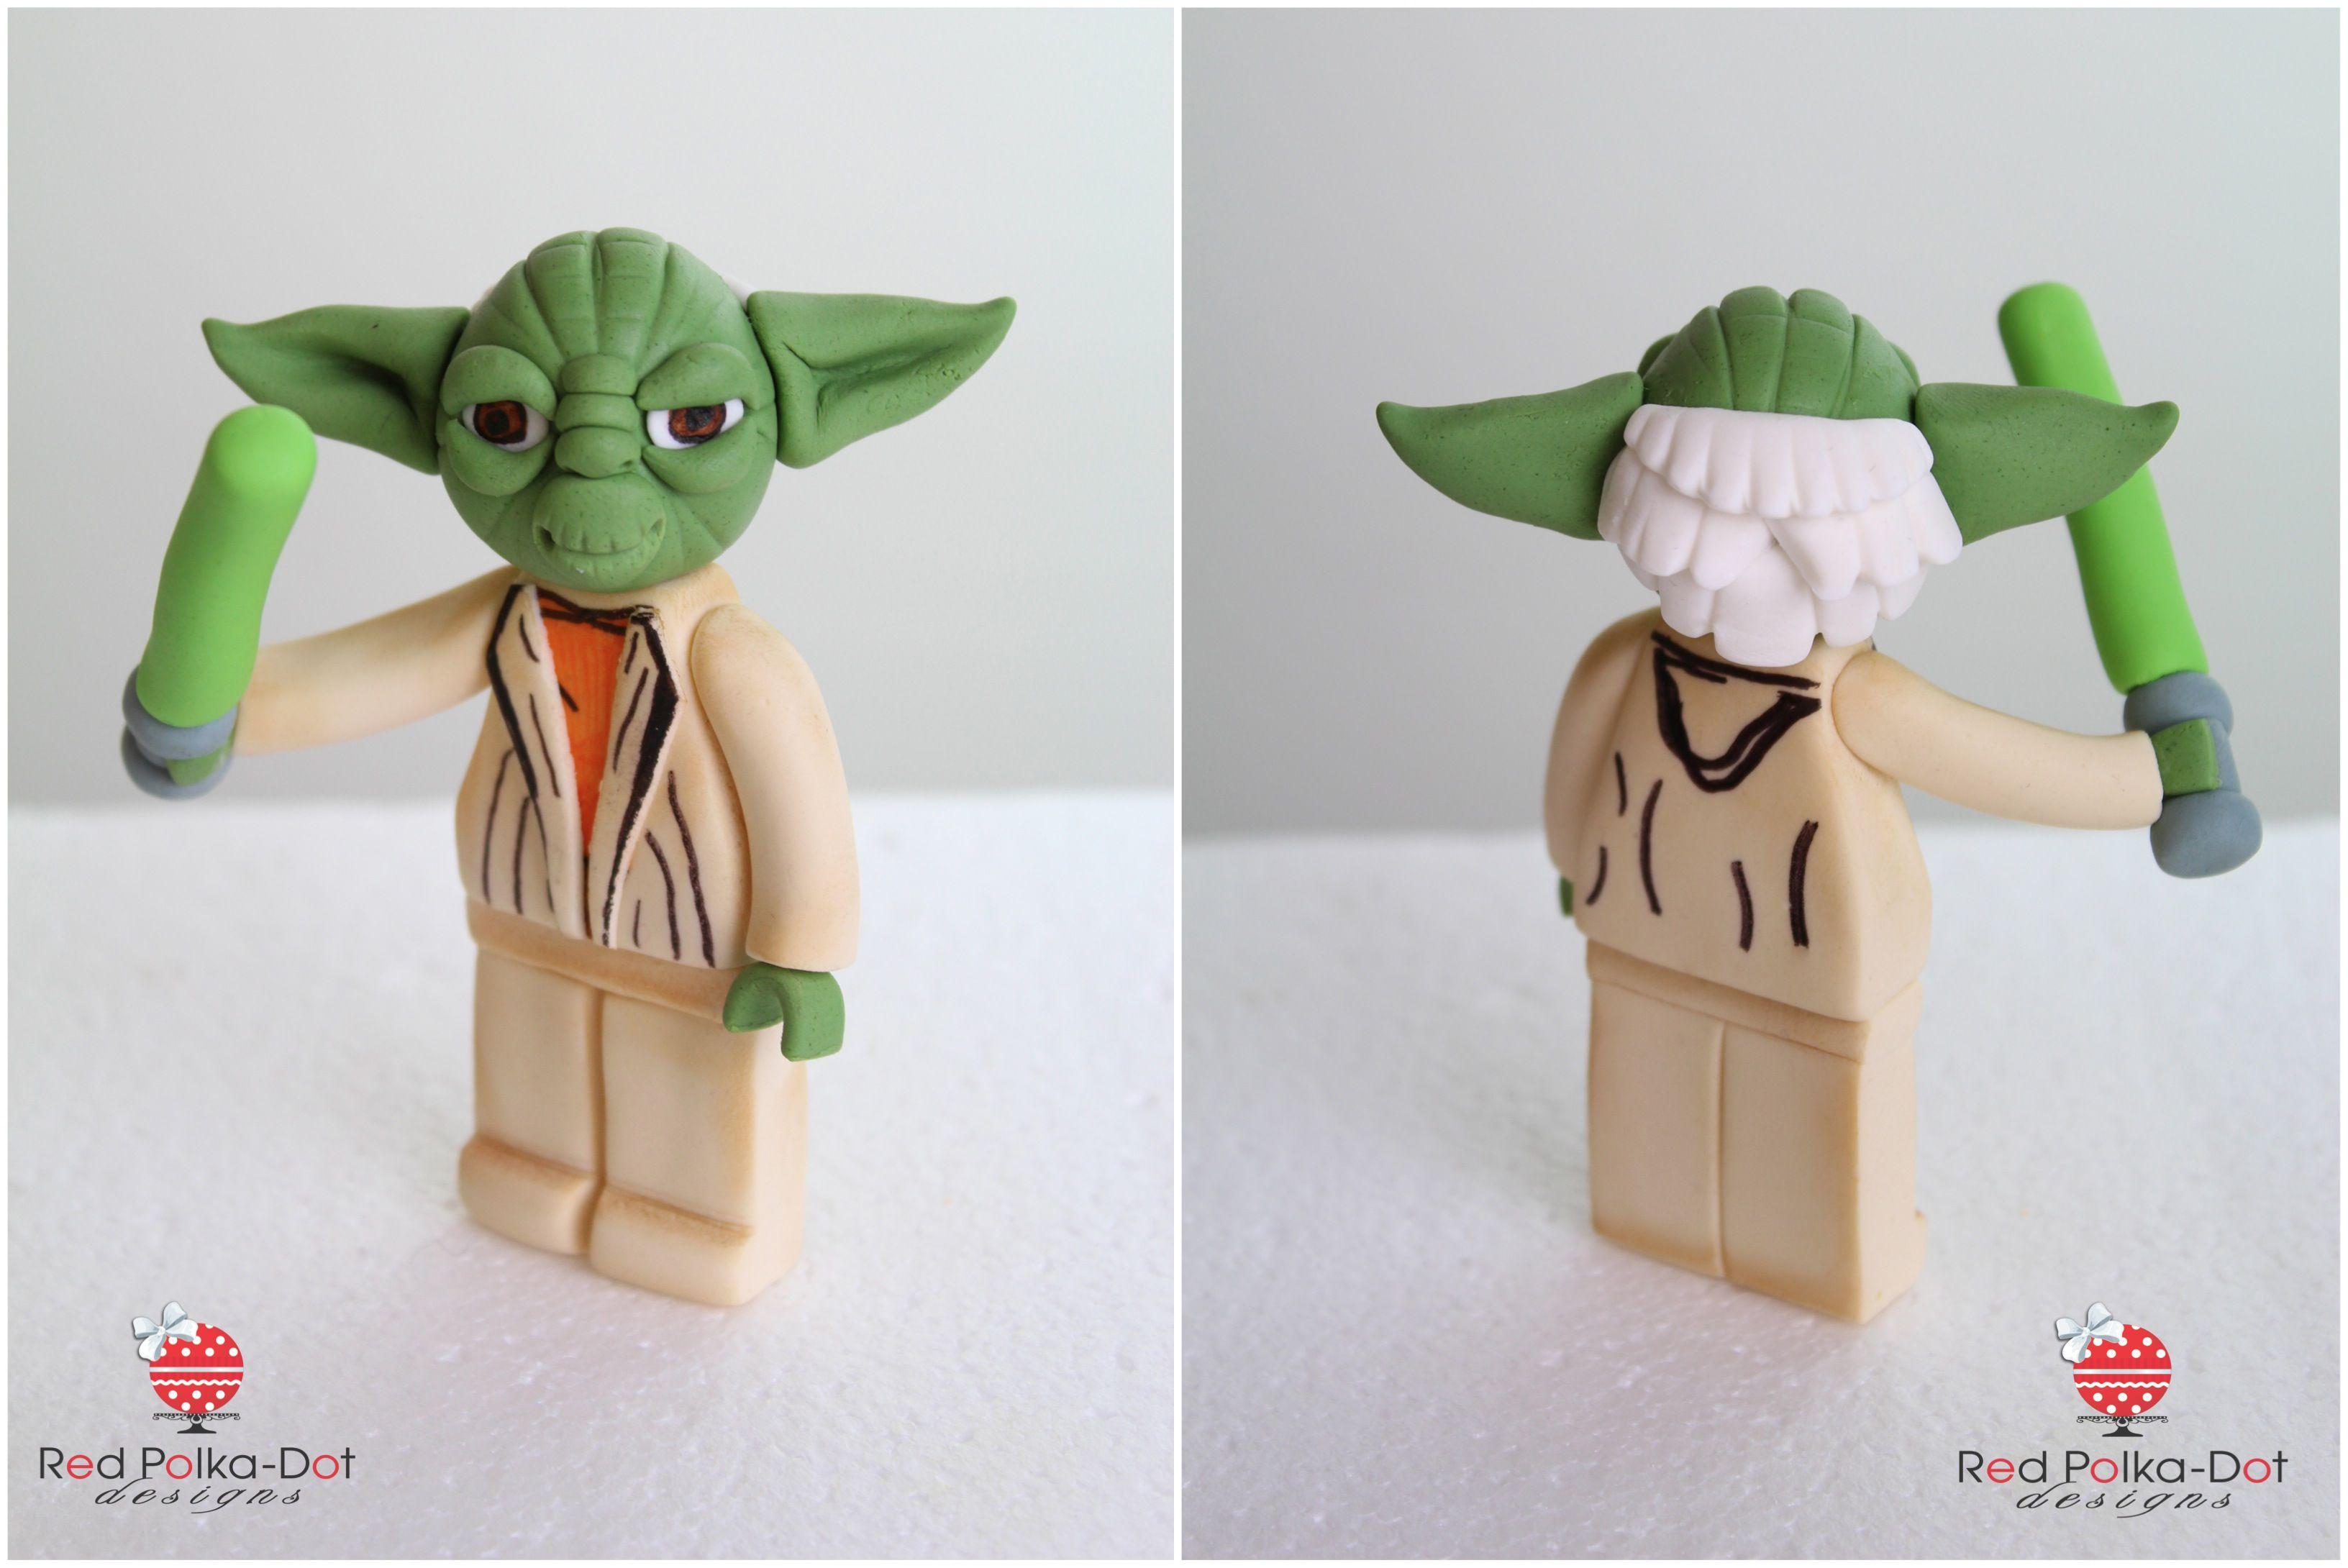 lego yoda fondant figurine - Lego Yoda